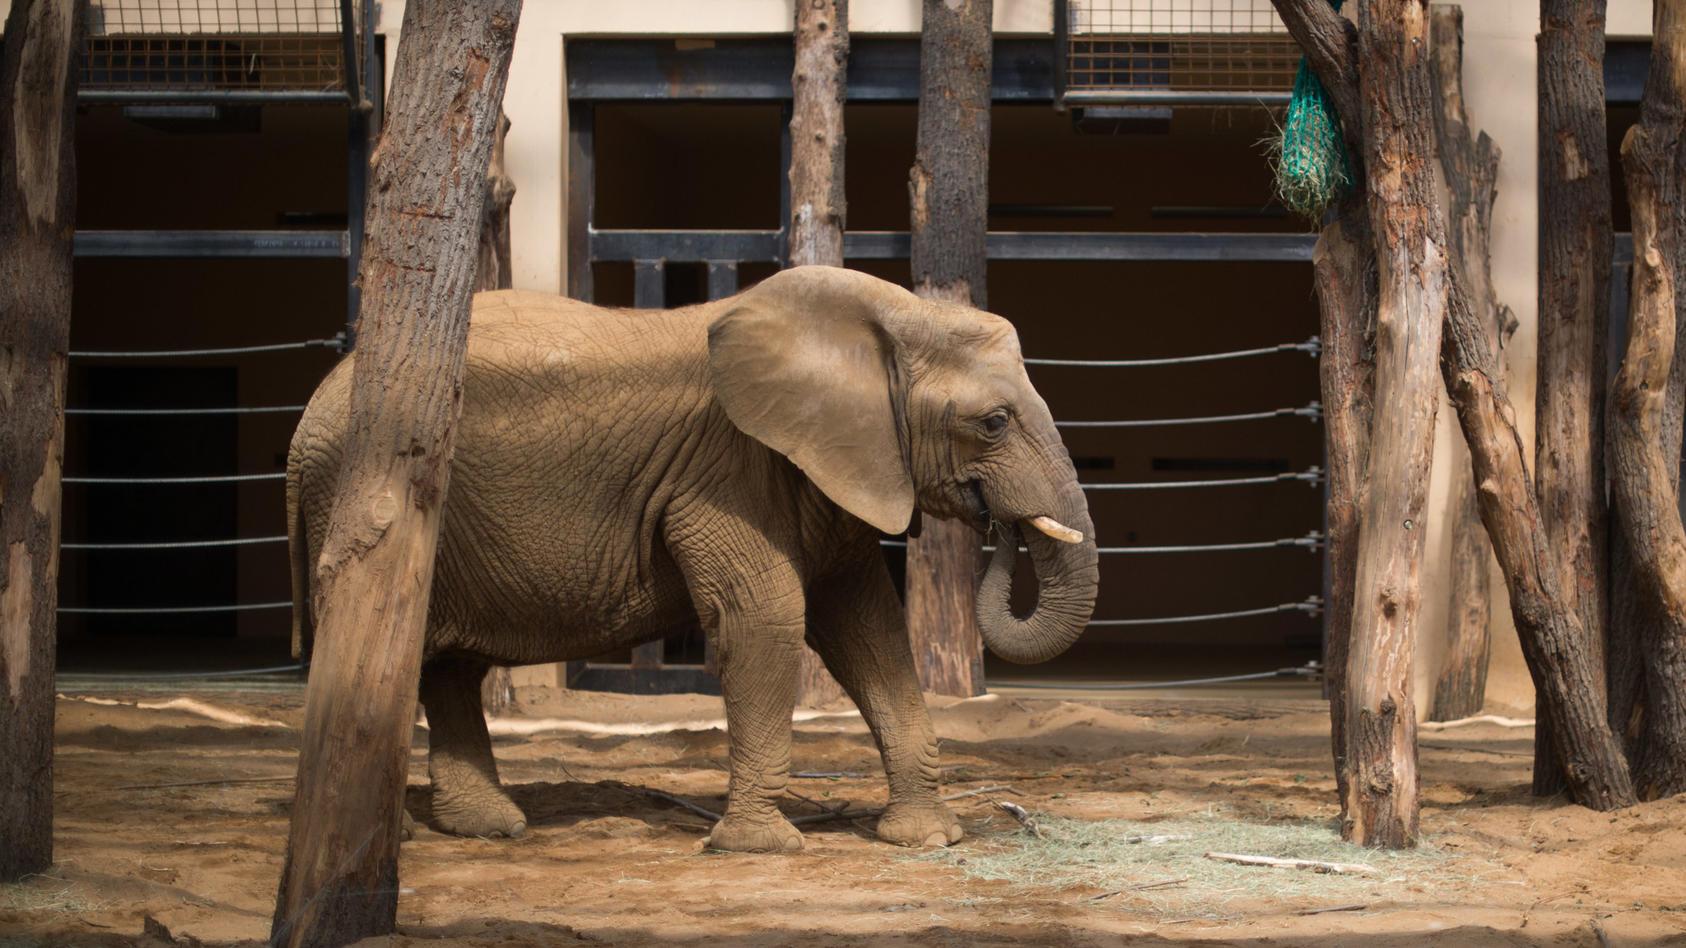 Unfall im Zoo: Elefantendame Mwana hat sich ihren  Rüssel in einem Tor eingeklemmt.